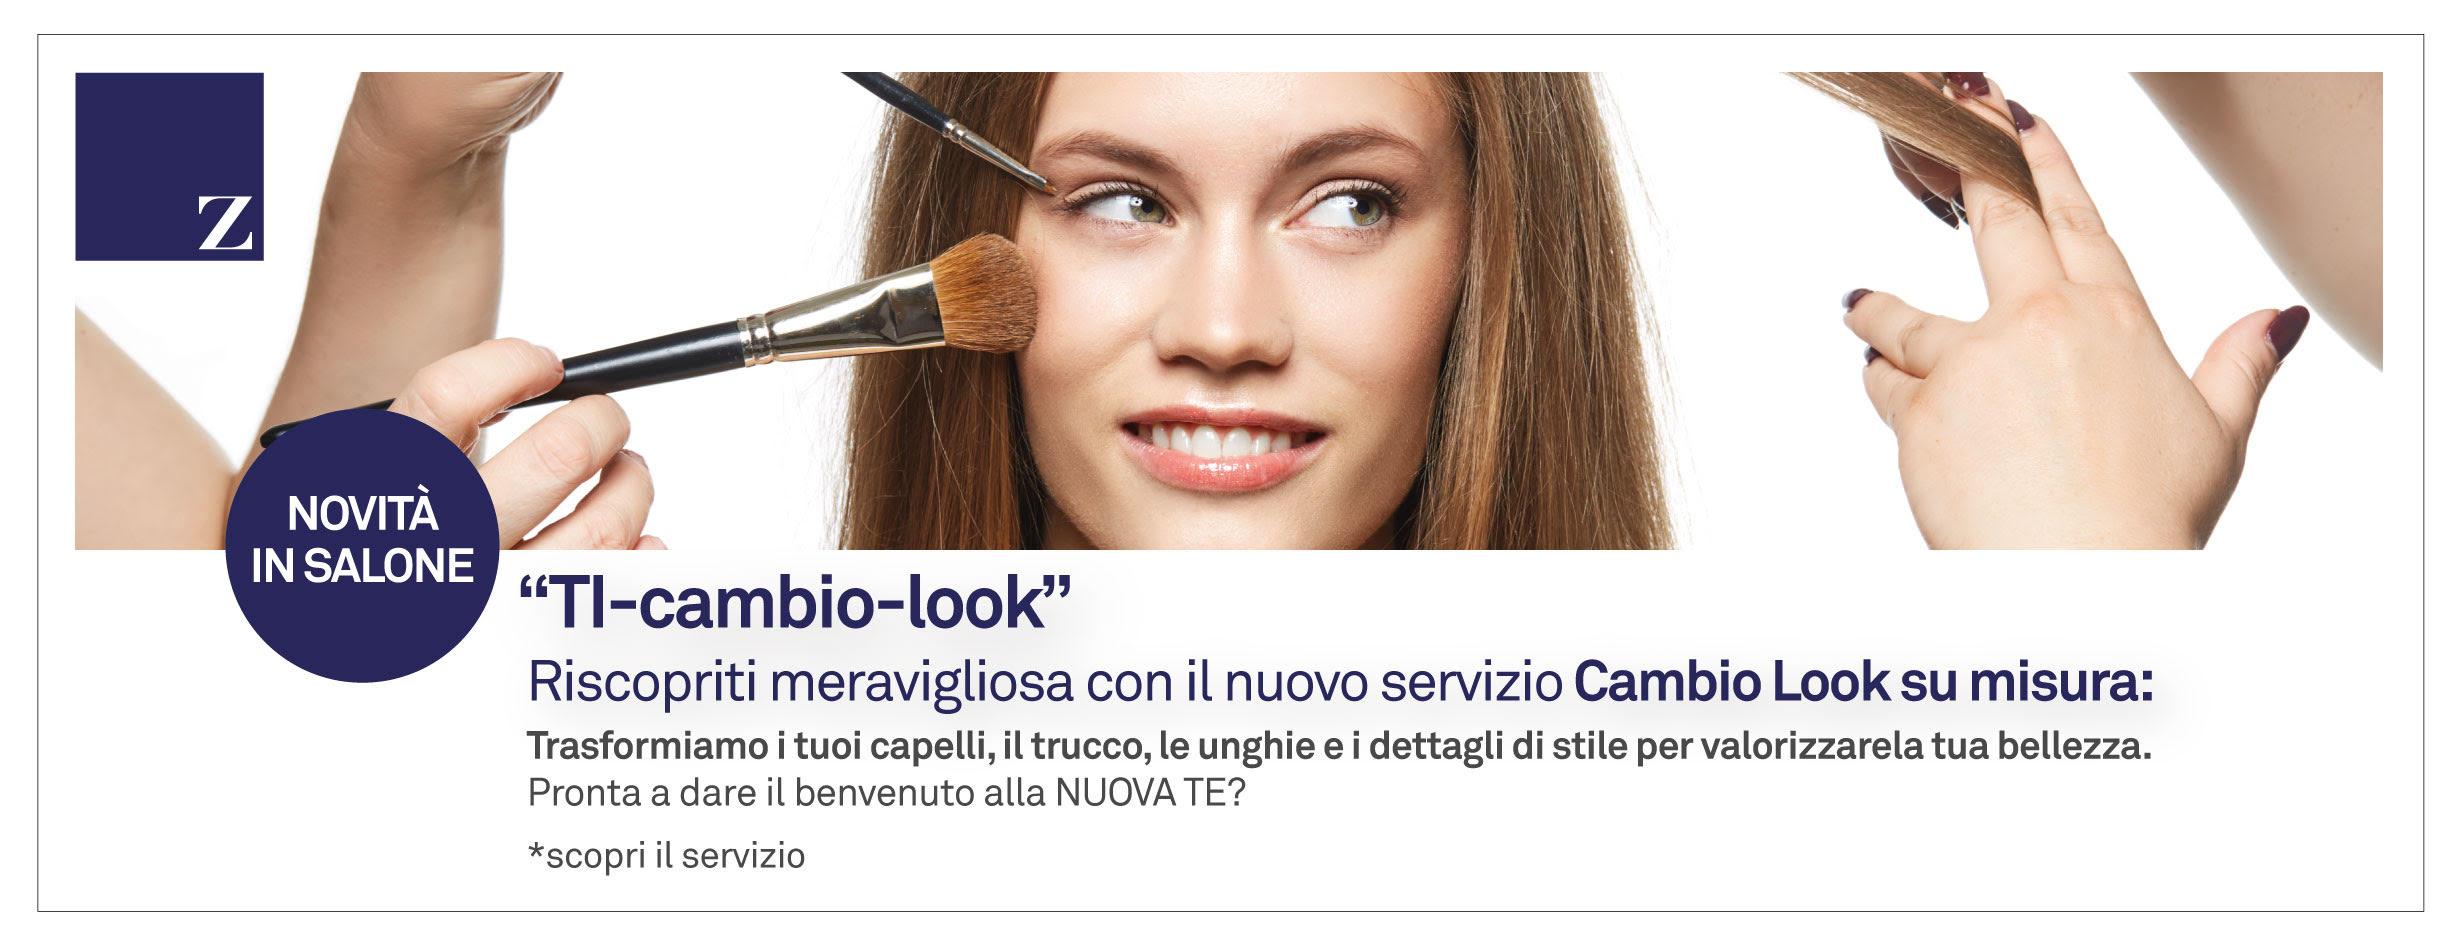 ti-cambio-look-zephir-parrucchieri-muralto